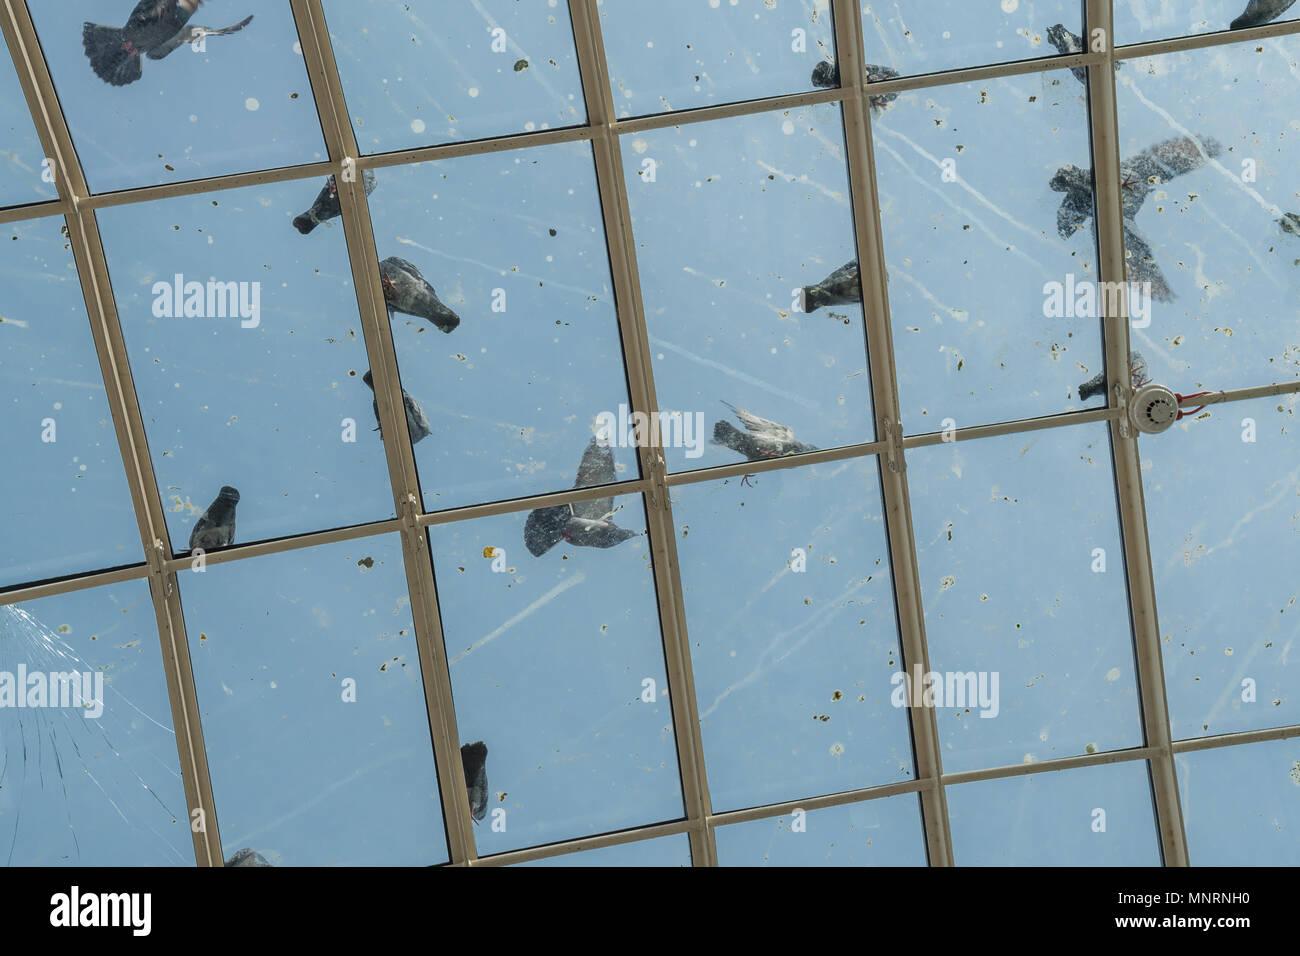 Palomas en techo de vidrio de la estación de St Enoch, Glasgow, Escocia, Reino Unido Imagen De Stock